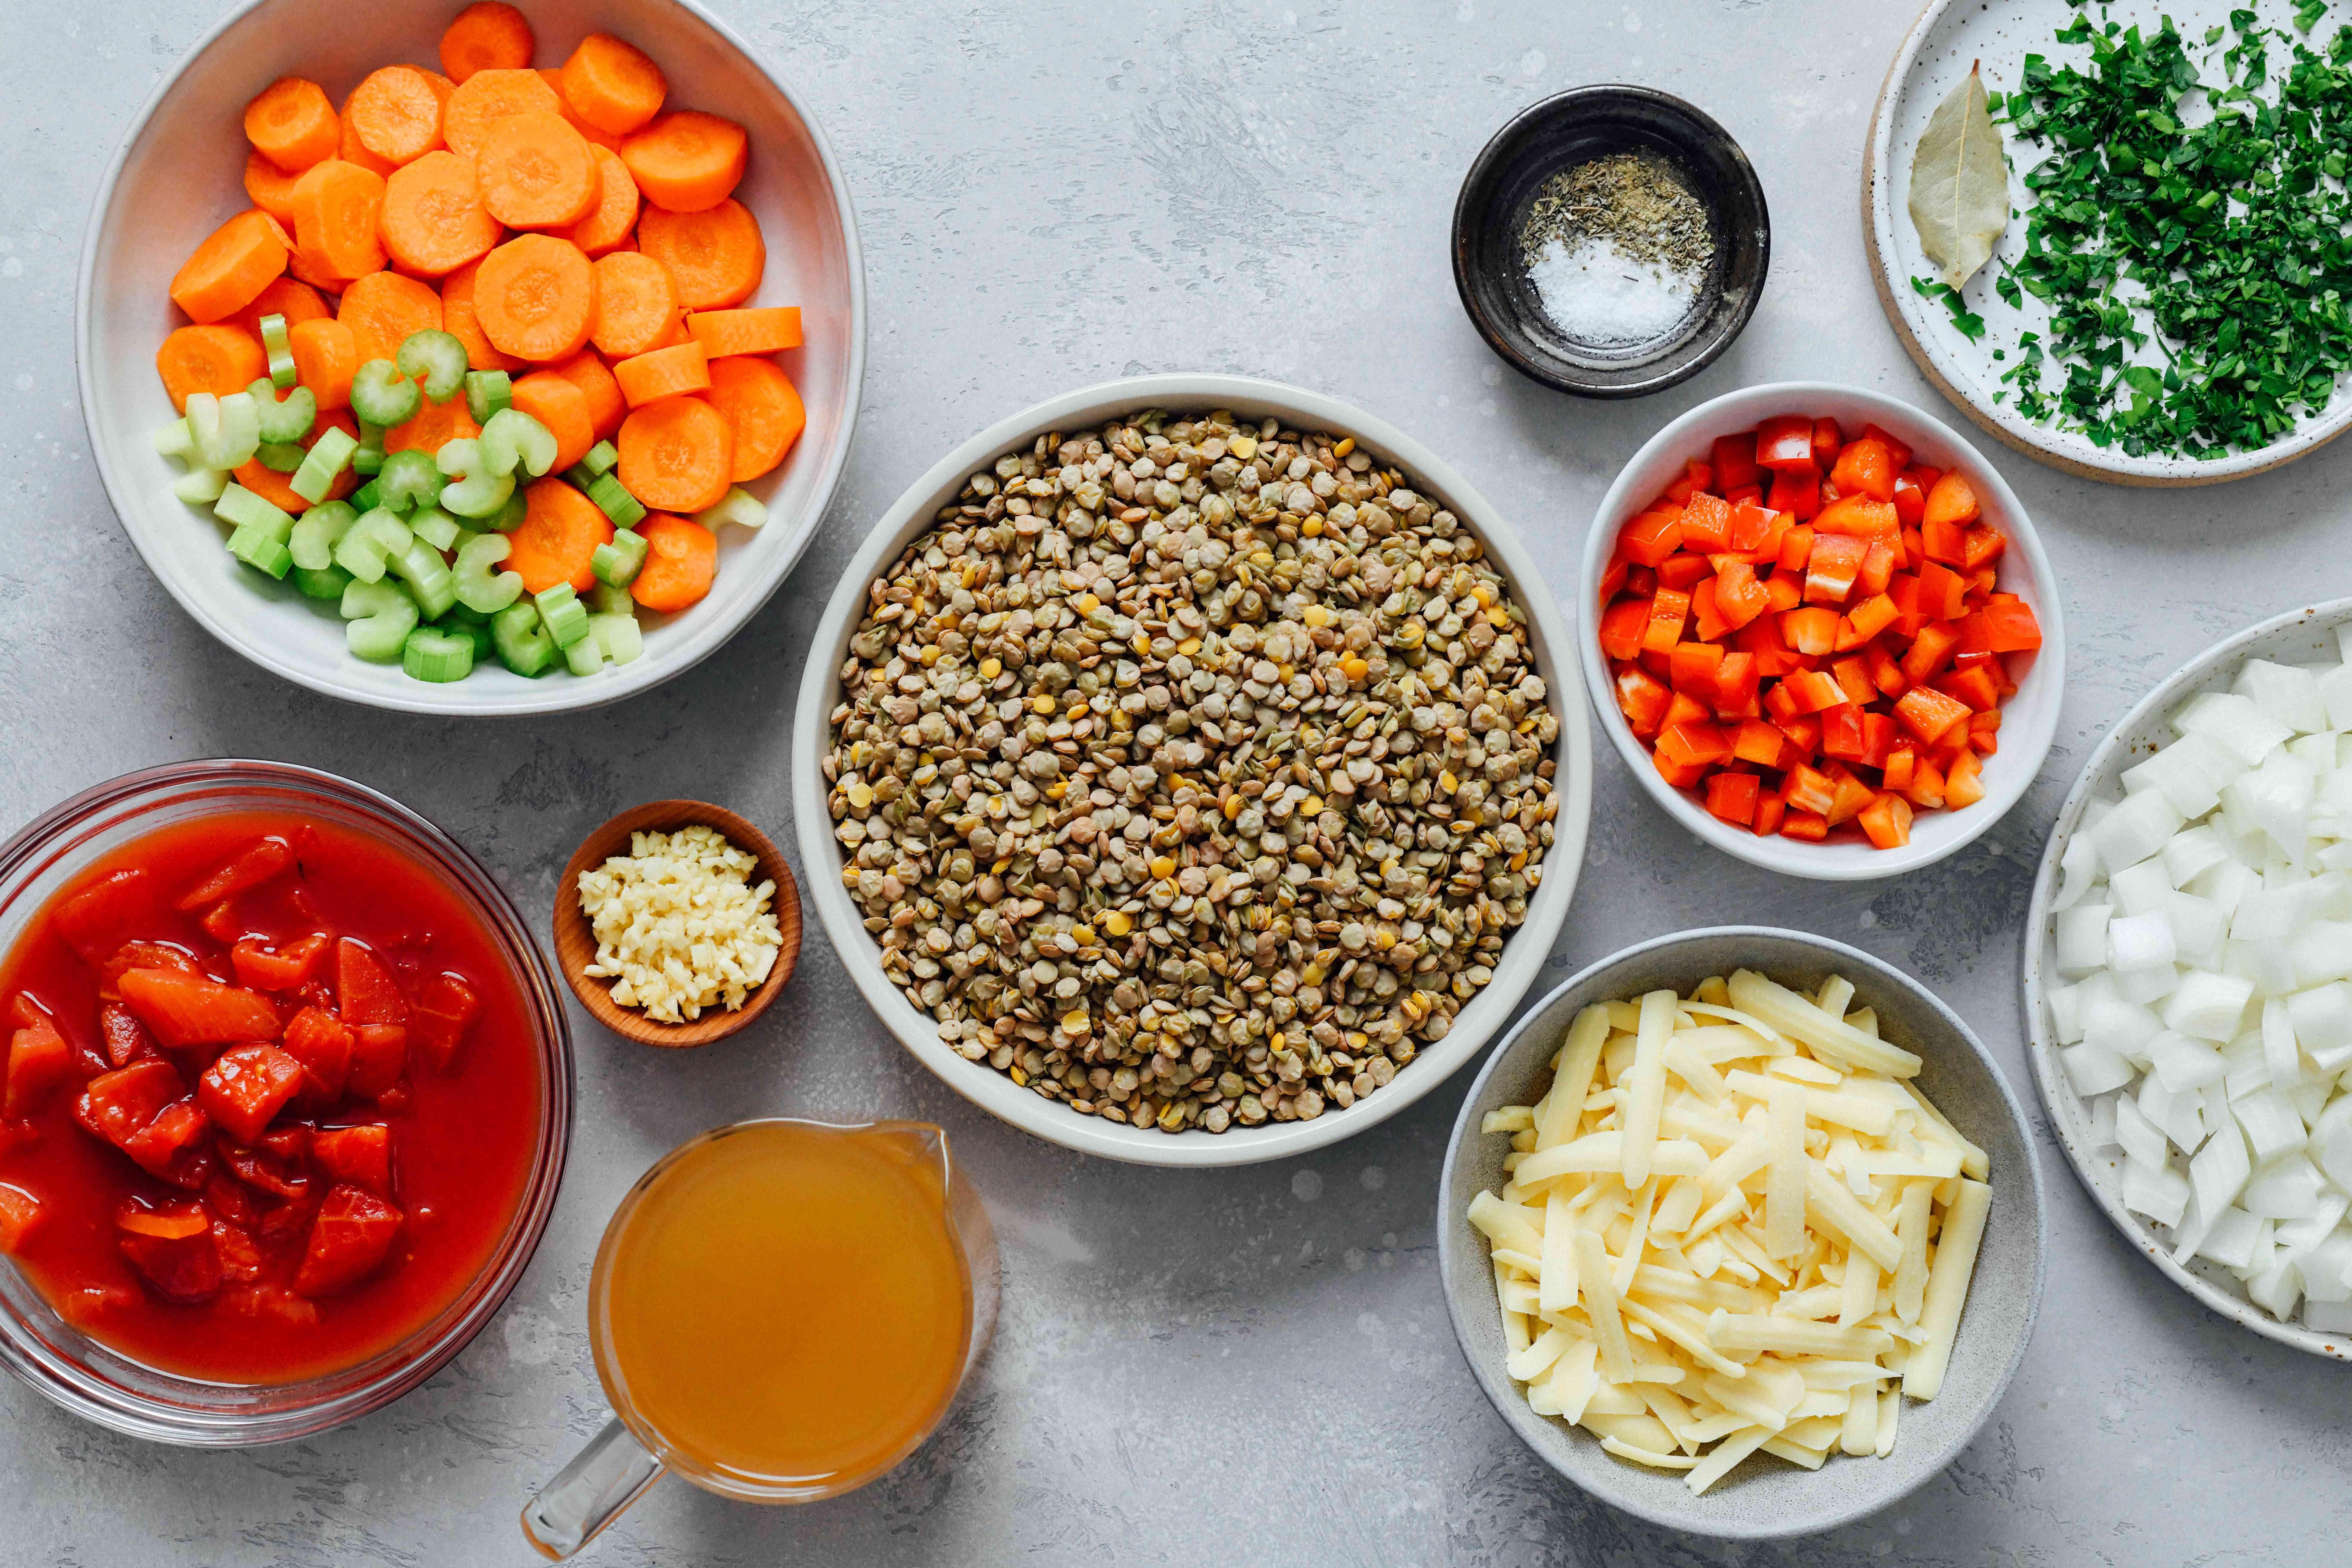 Slow Cooker Lentils ingredients